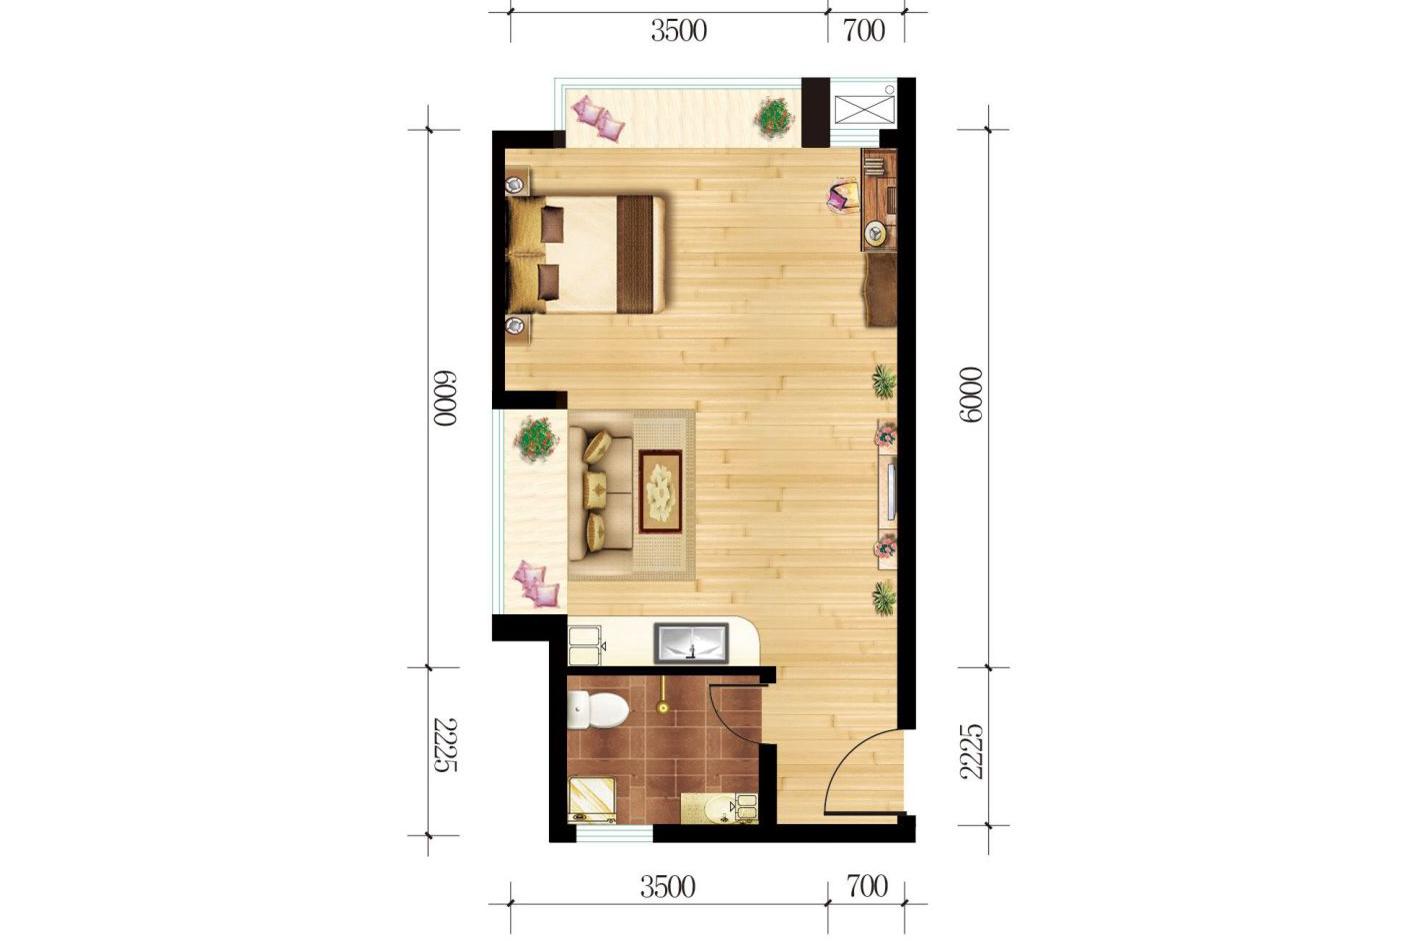 公寓46.98平米1室